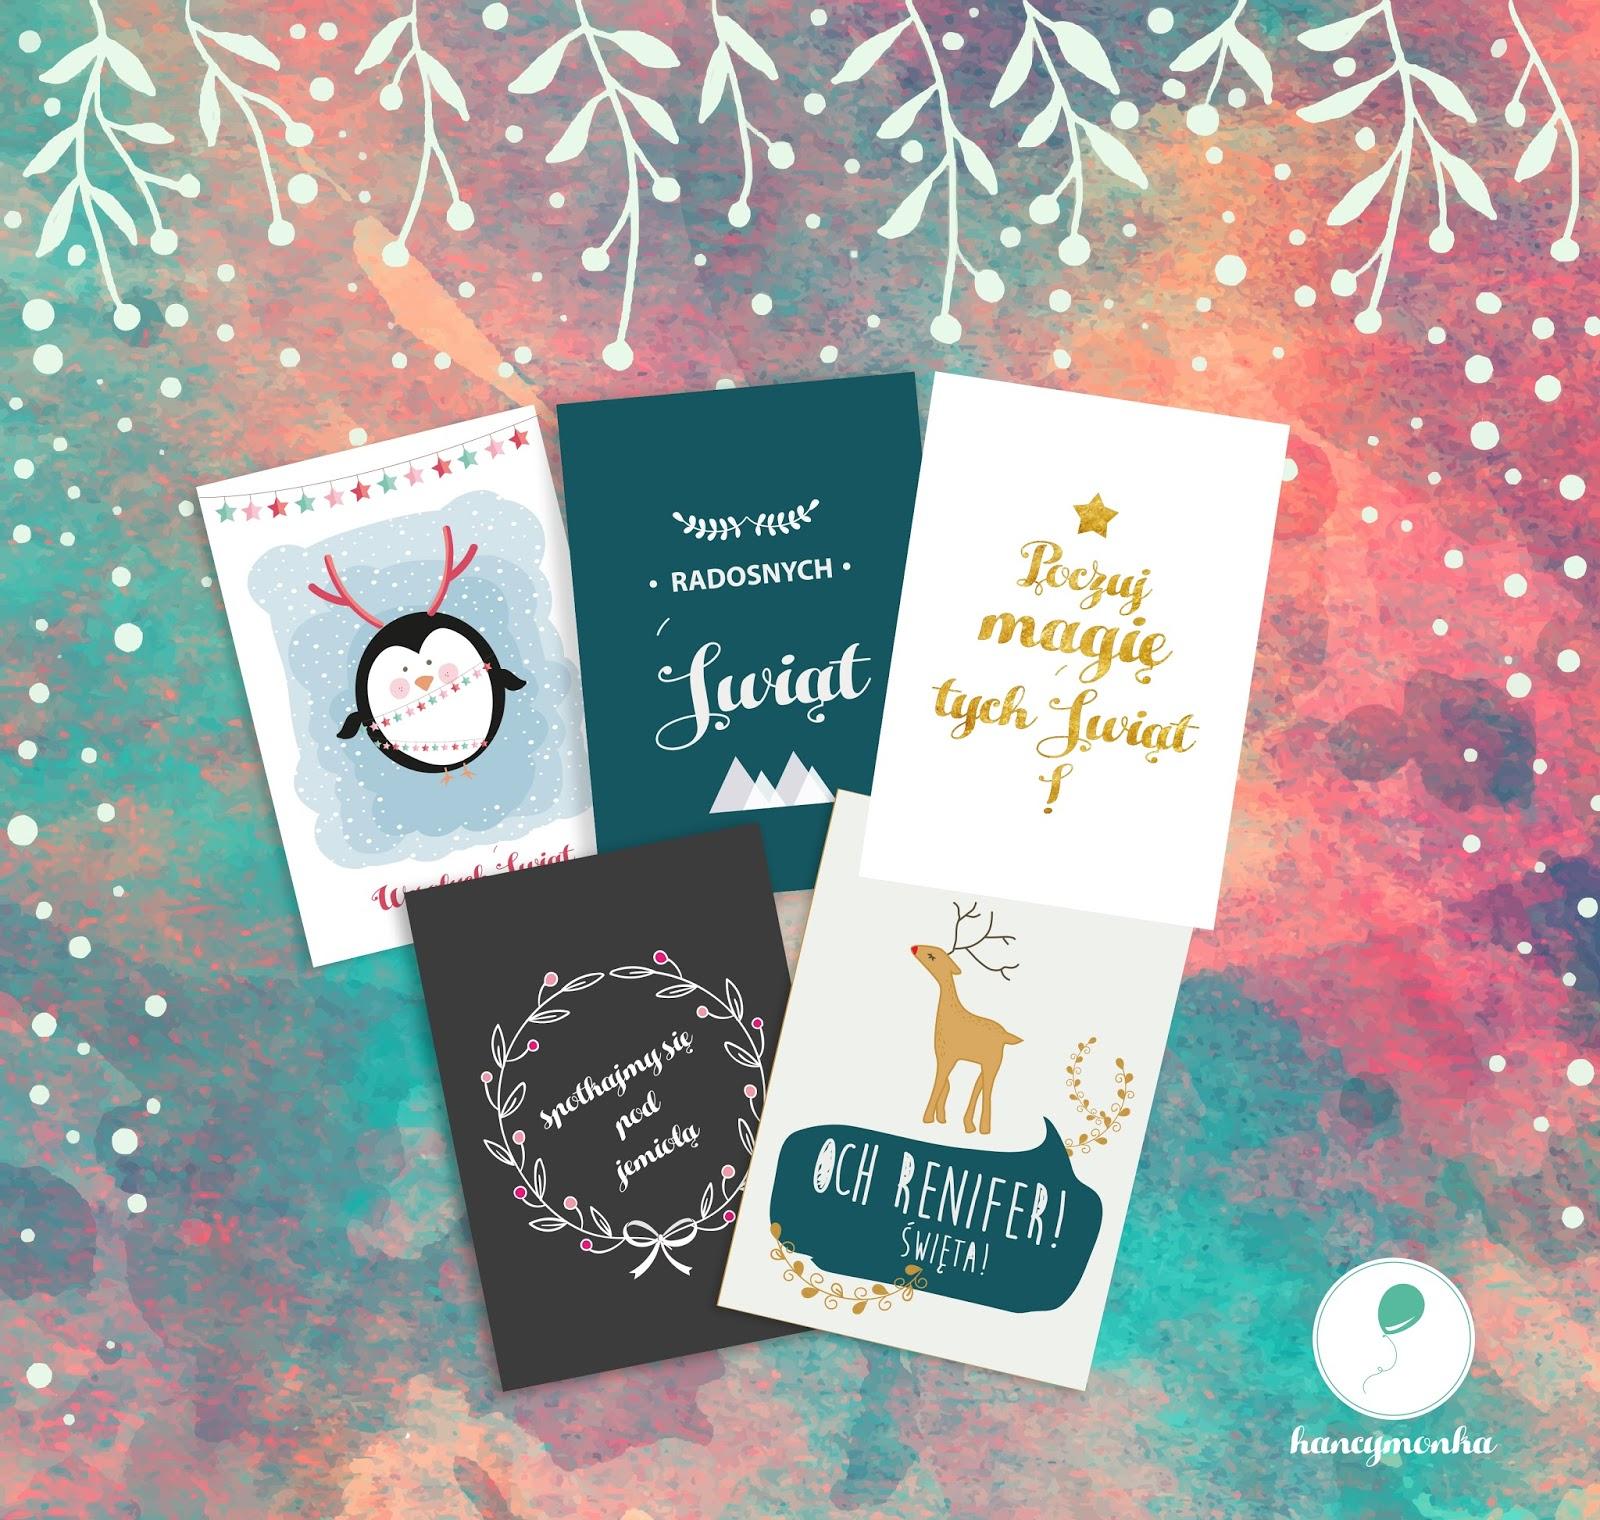 Plakaty świąteczne Darmowe Grafiki Do Druku Hancymonkapl